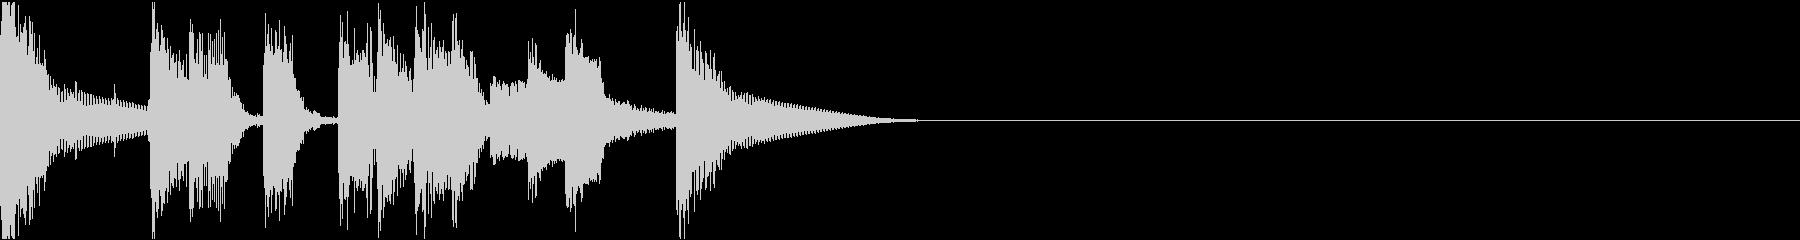 おしゃれイケイケ/サウンドロゴの未再生の波形